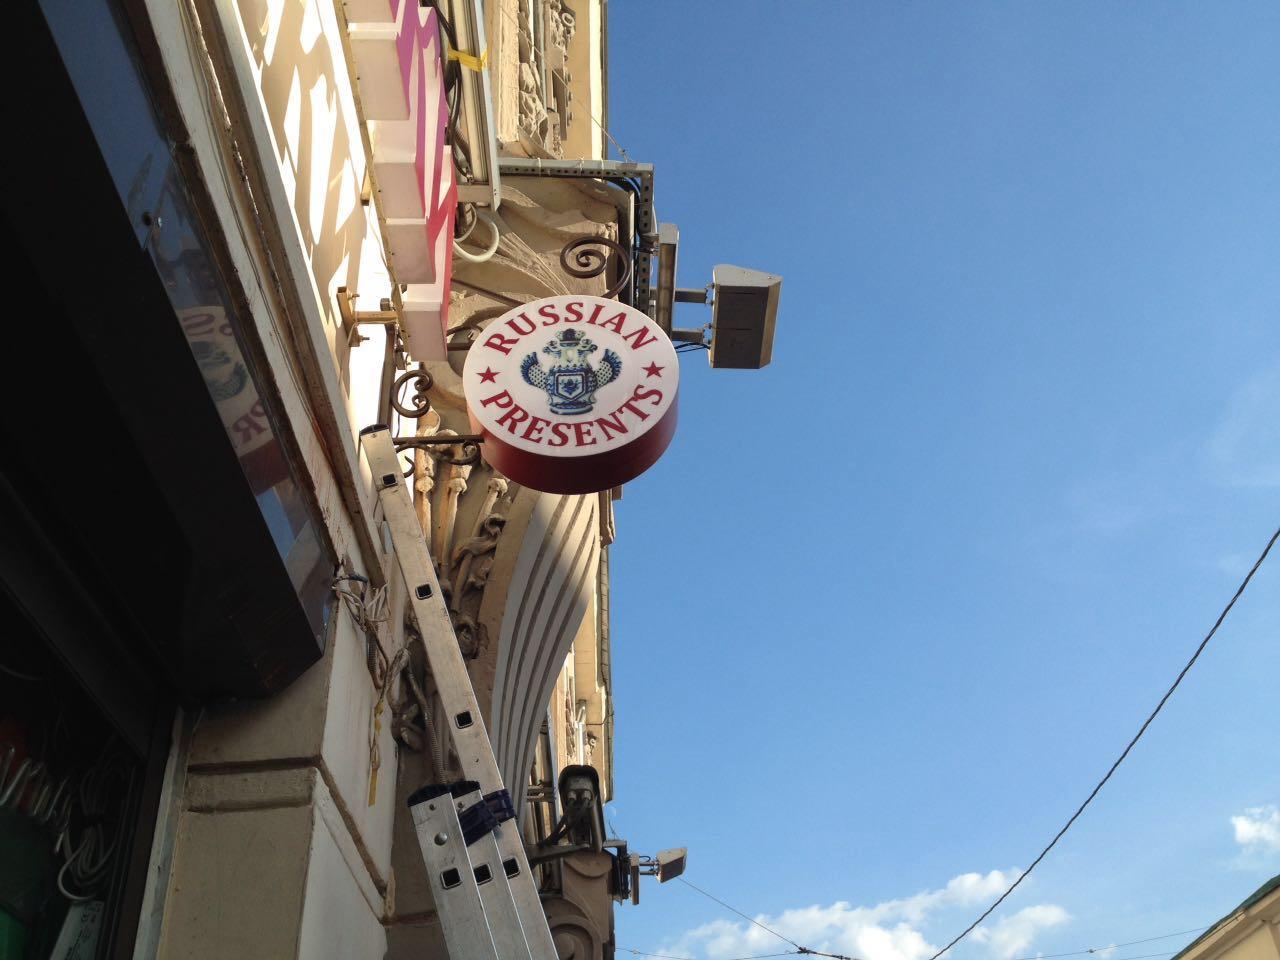 Панель-кронштейн для магазина по продаже алкогольной продукции